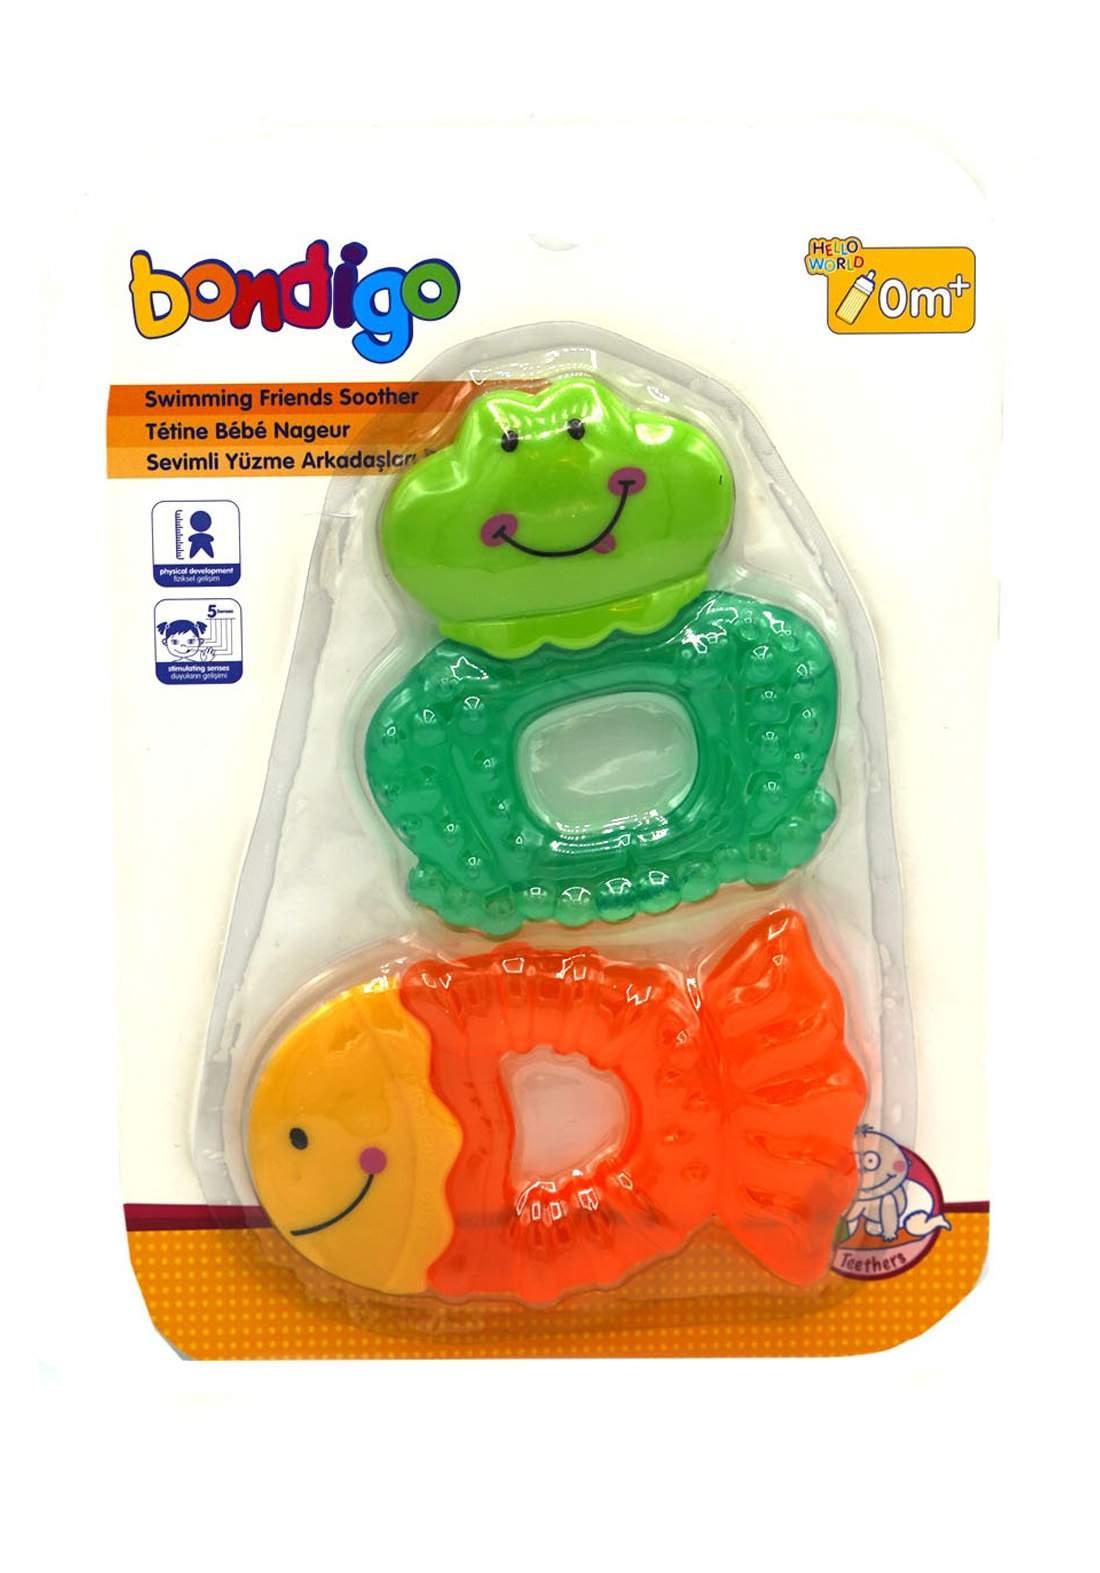 Bondigo Lovely Swimming Friends  Teething عضاضة أطفال